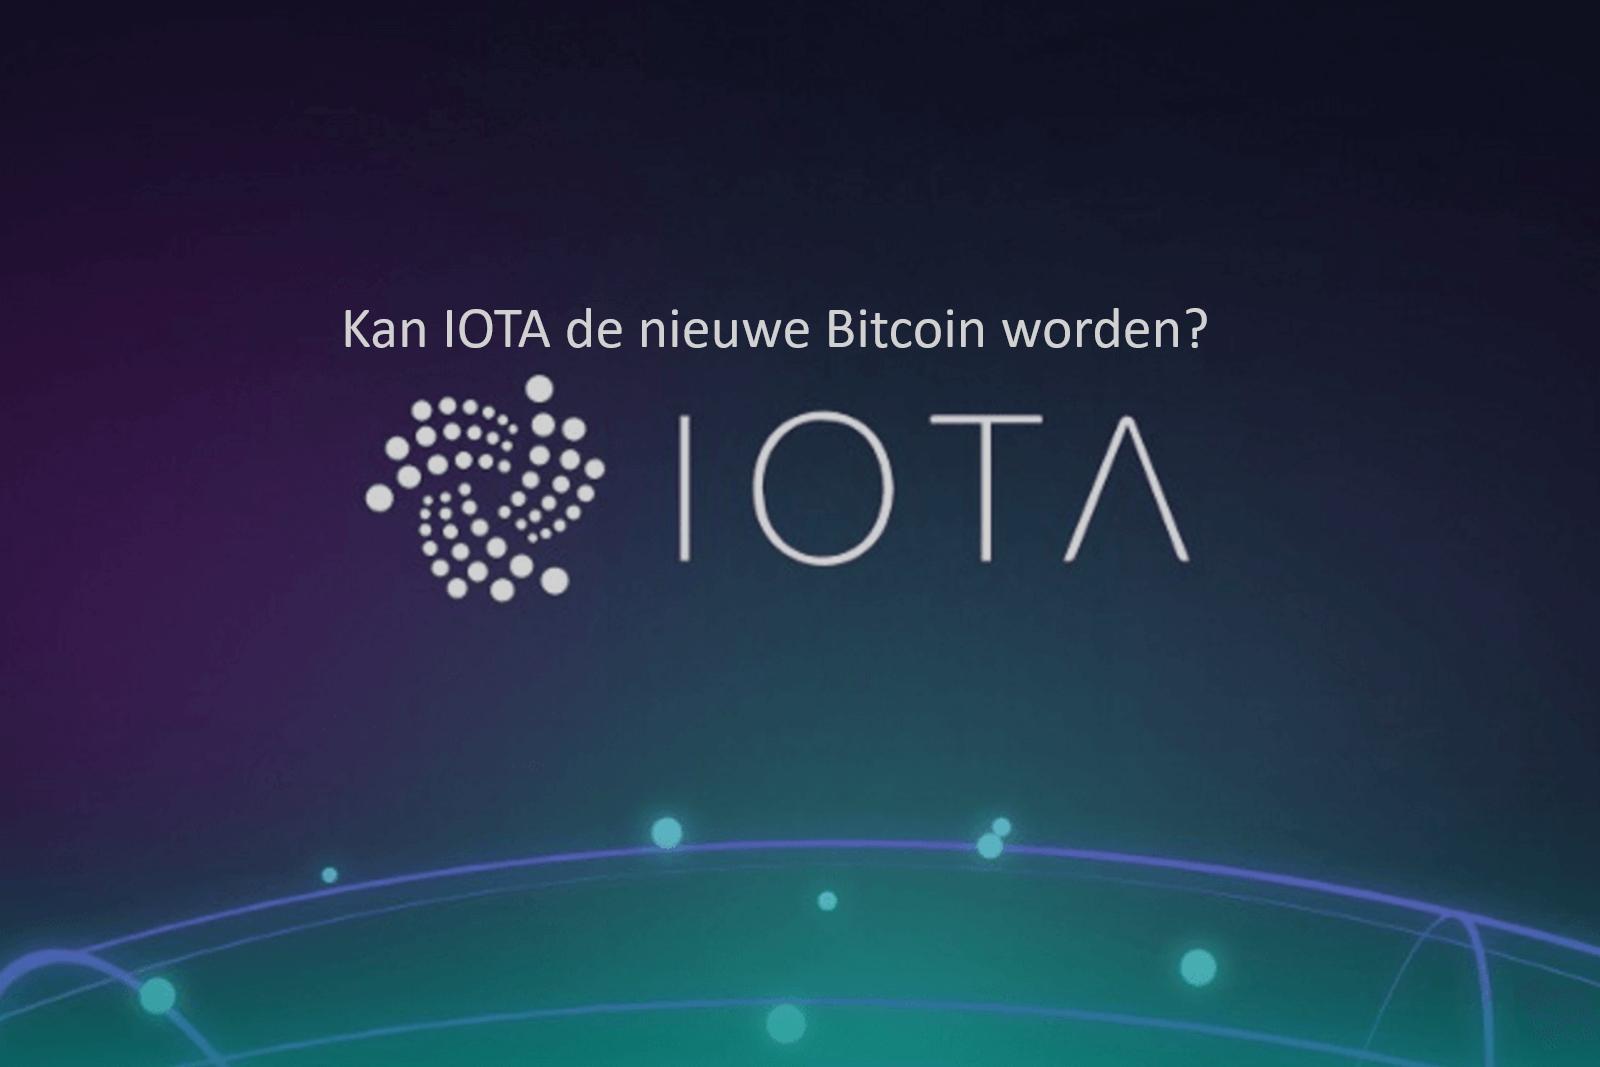 IOTA coin